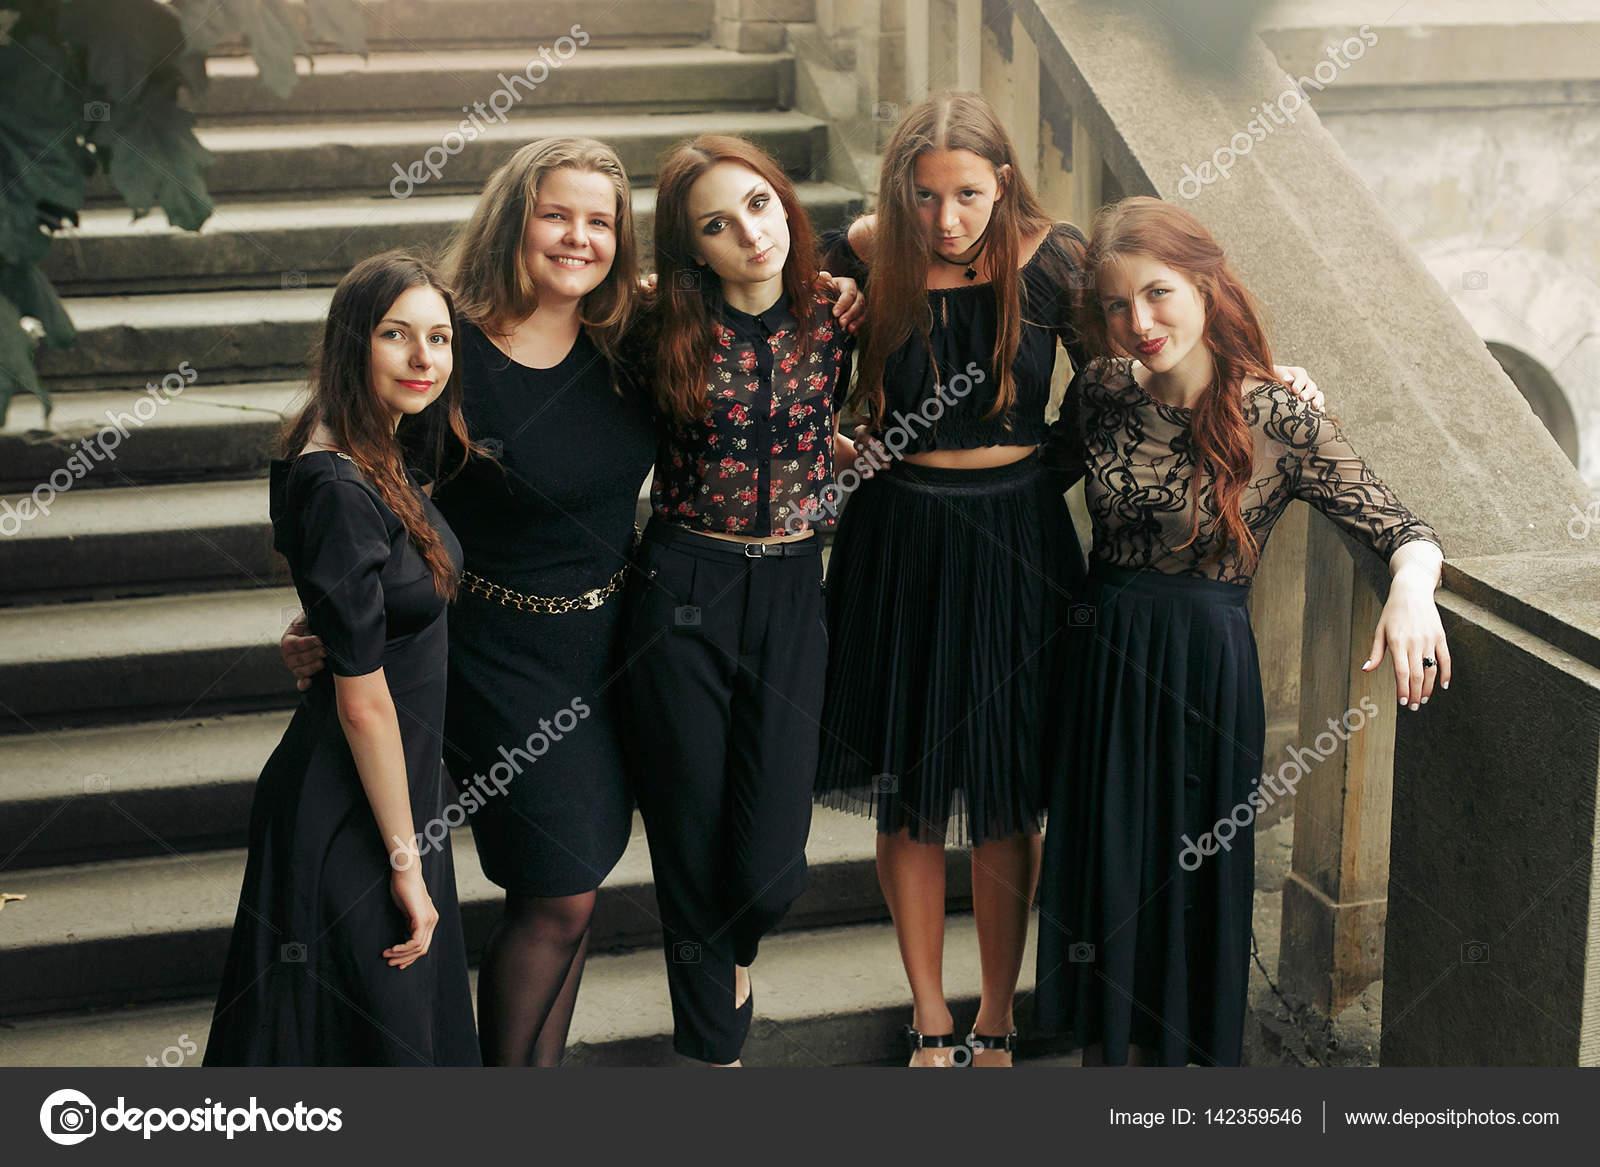 Chicas vestidas de negro